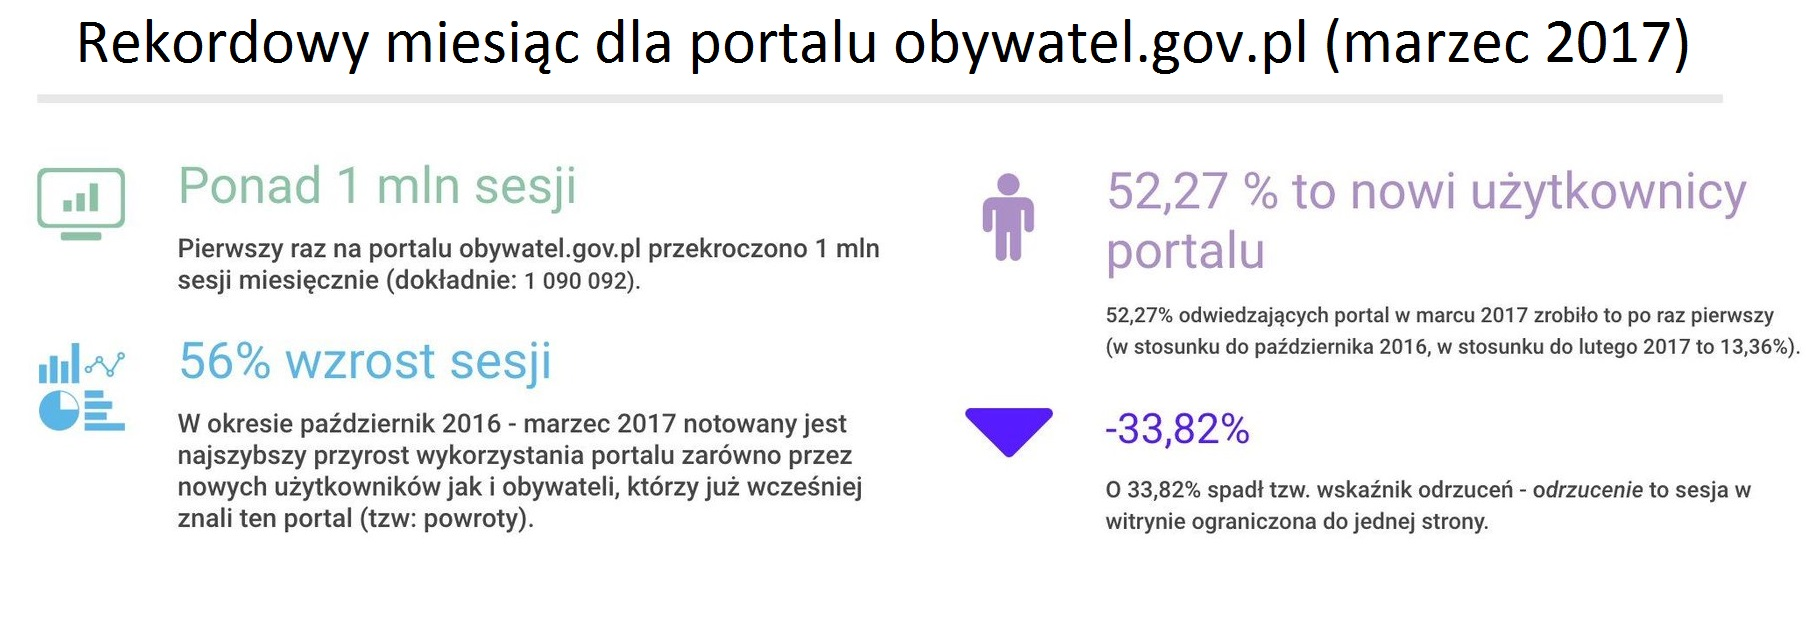 Liczba osób odwiedzających portal obywatel.gov.pl wzrosła w ostatnim czasie ponad o połowę. (fot. COI)